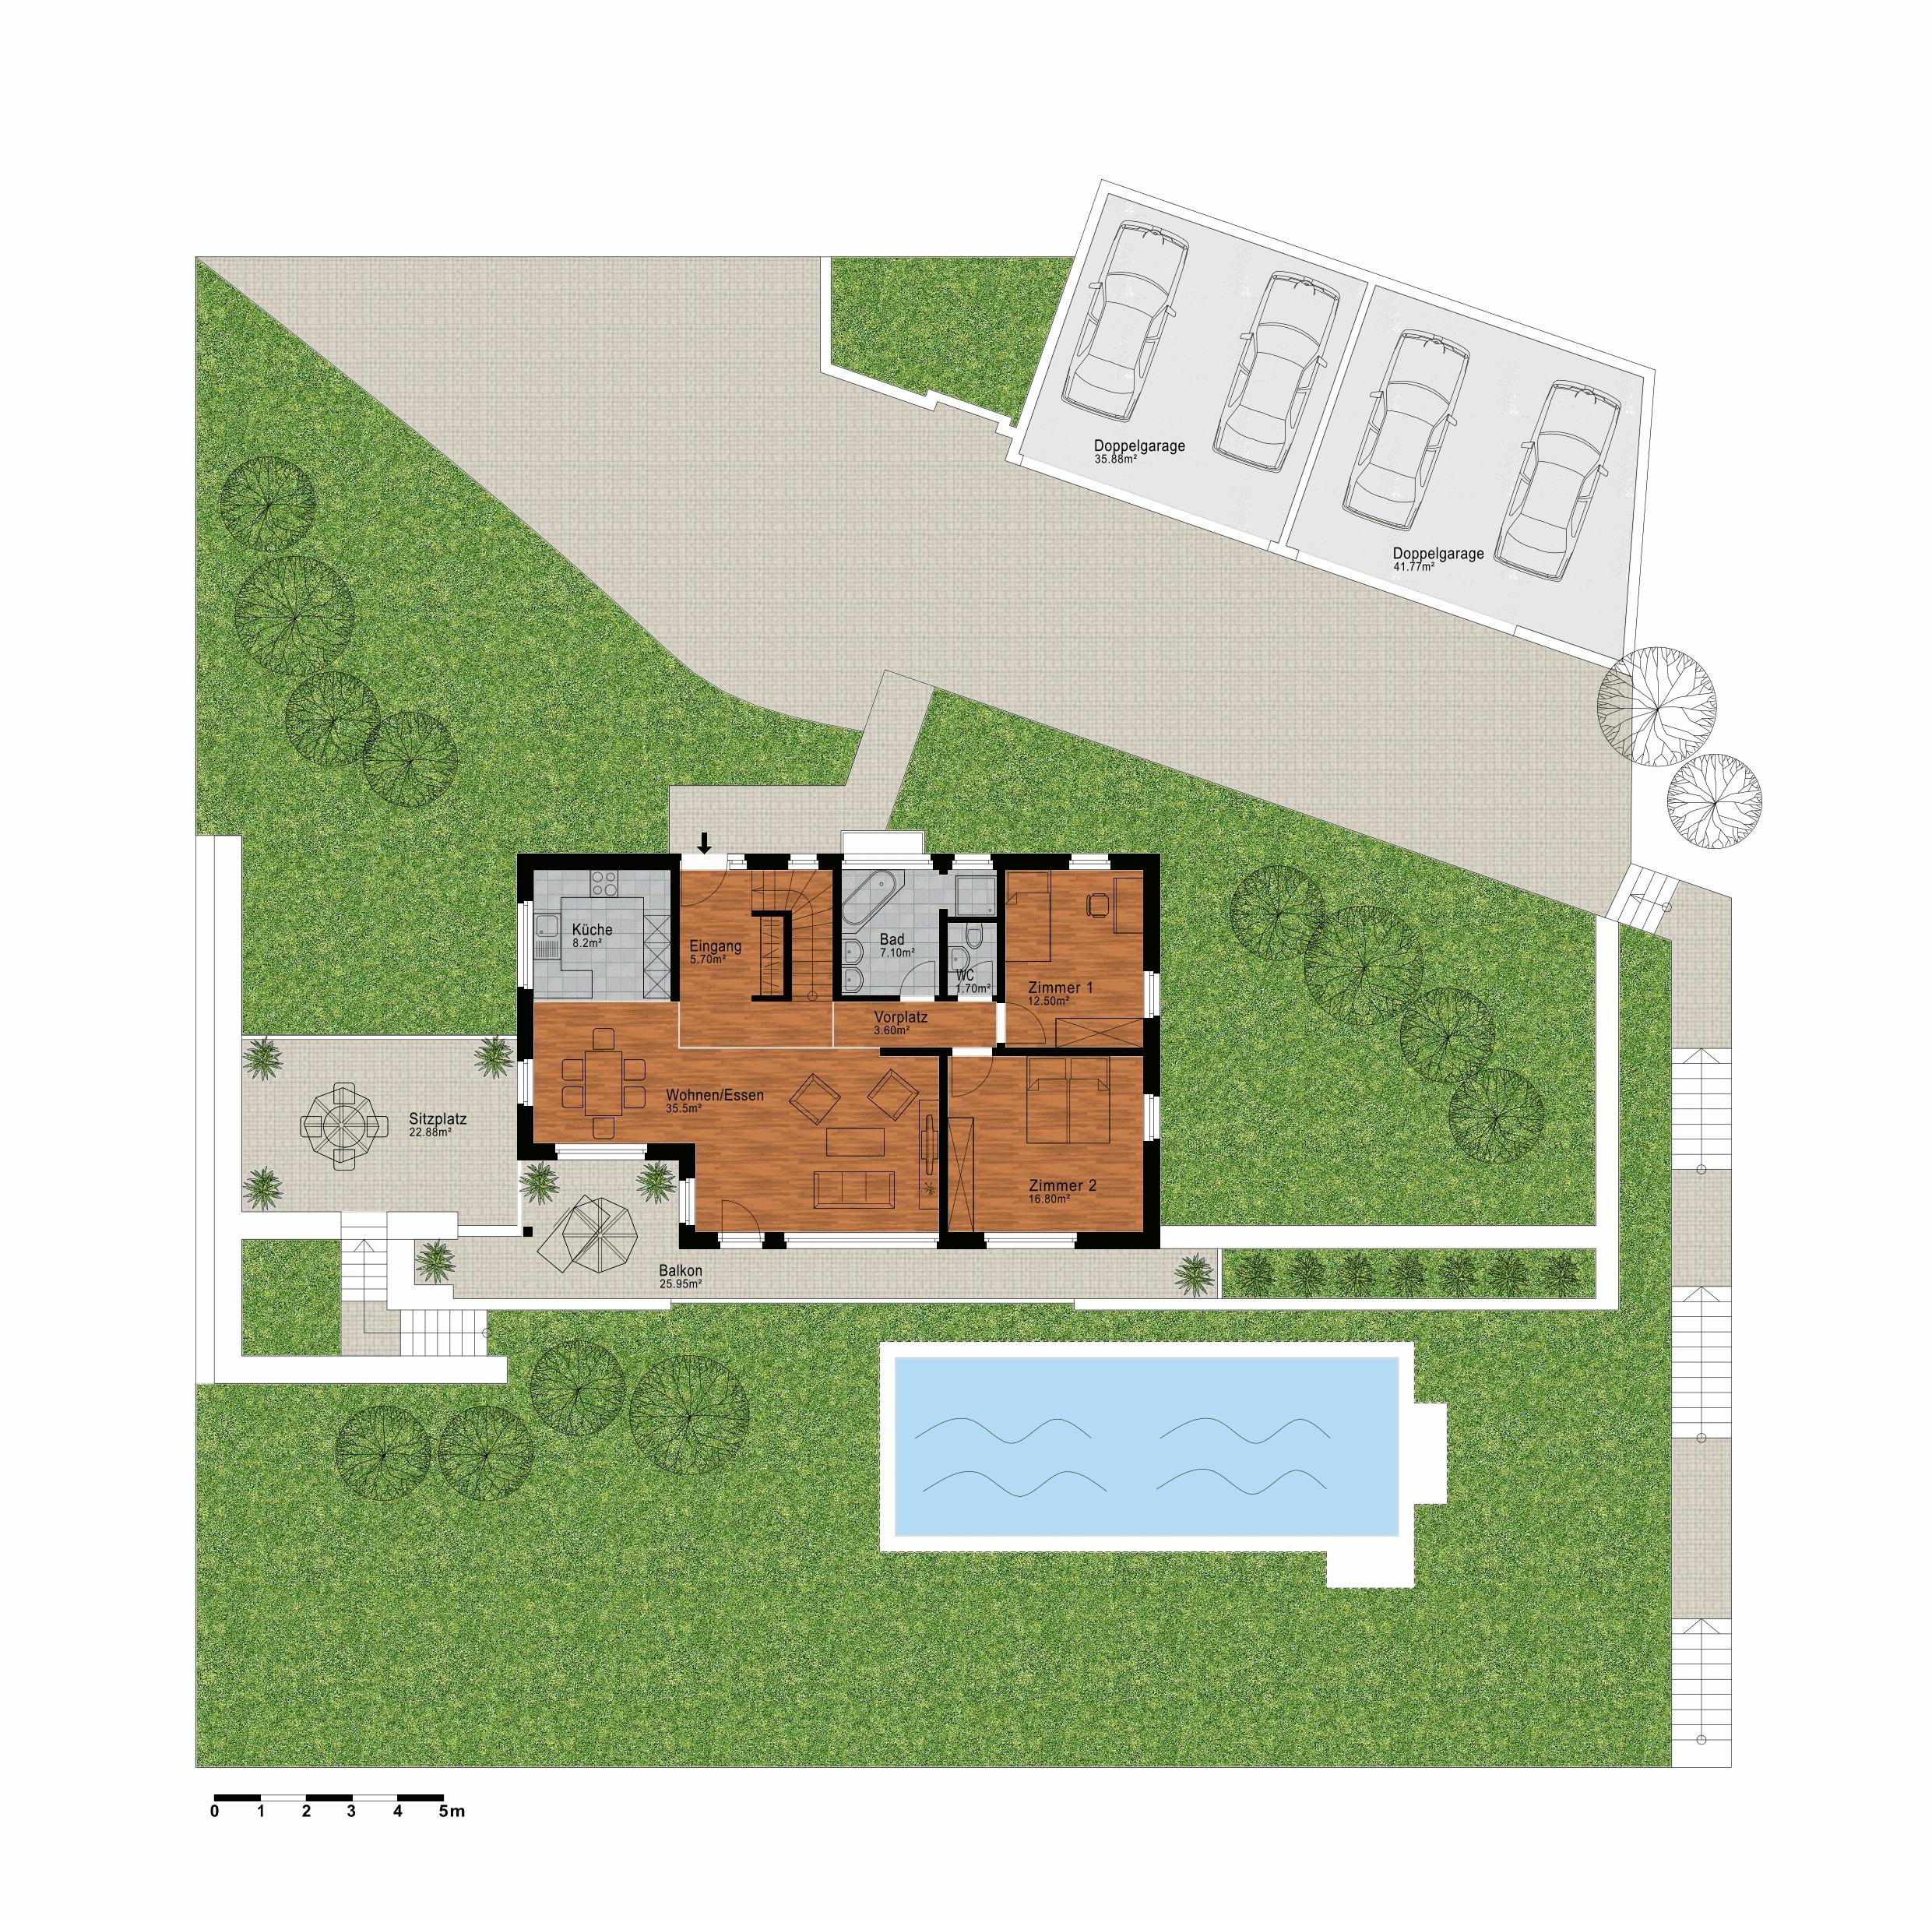 Grundriss, Wohngeschoss und Umgebung